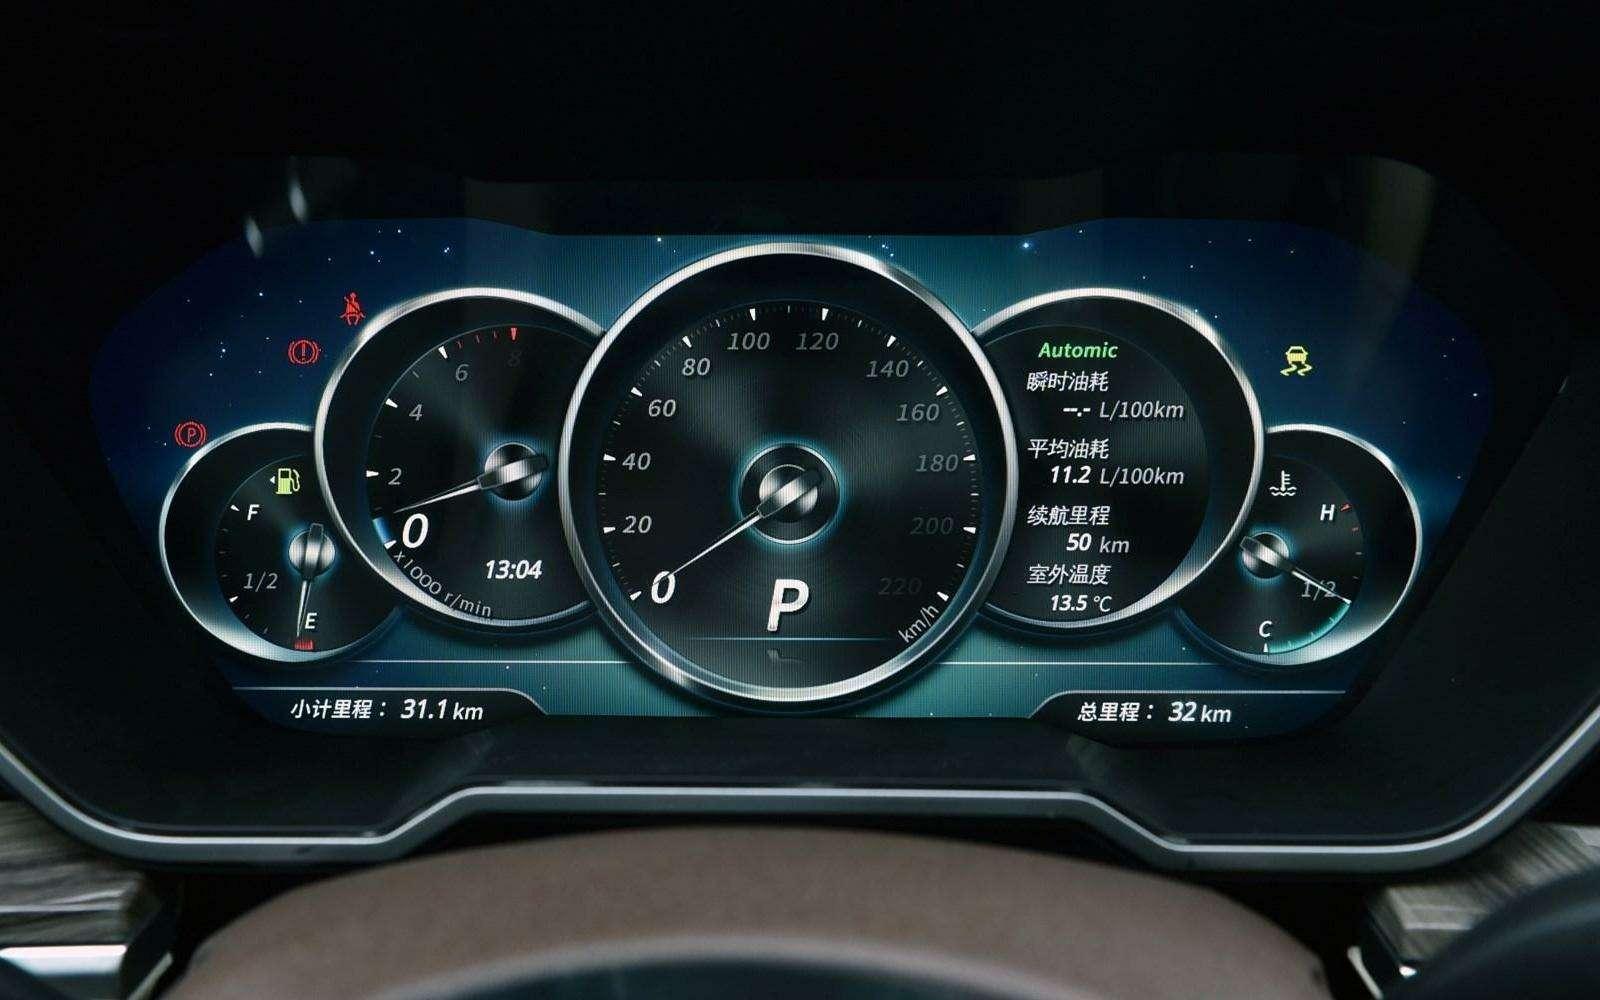 Jaguar иLand Rover водном флаконе: стартовало производство кроссовера Zotye T700— фото 727962